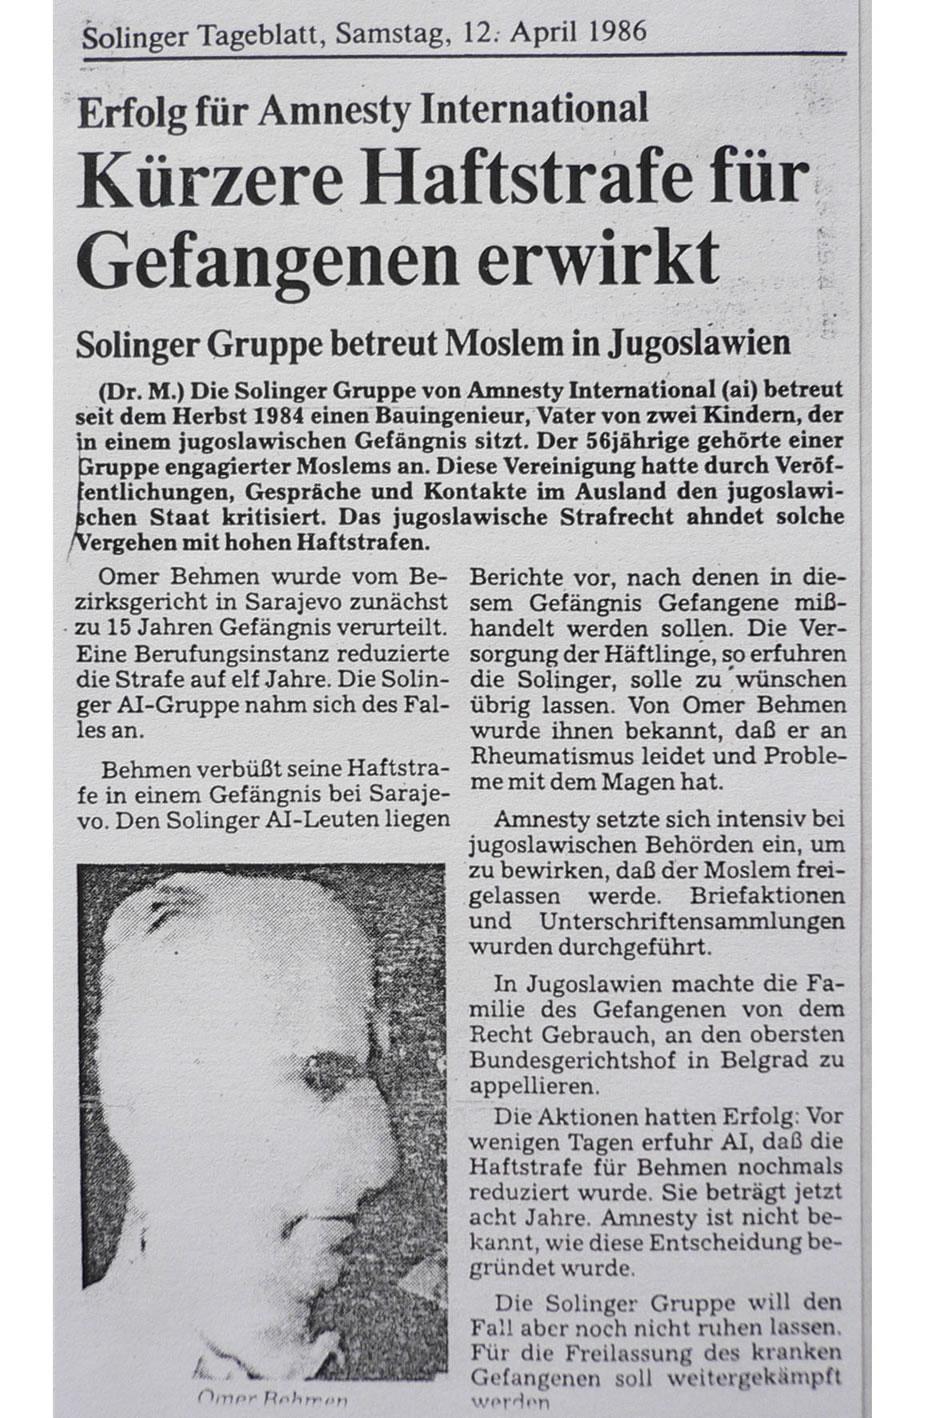 Solinger Tageblatt 04/86: Fall Omer Behmen, Jogoslawien